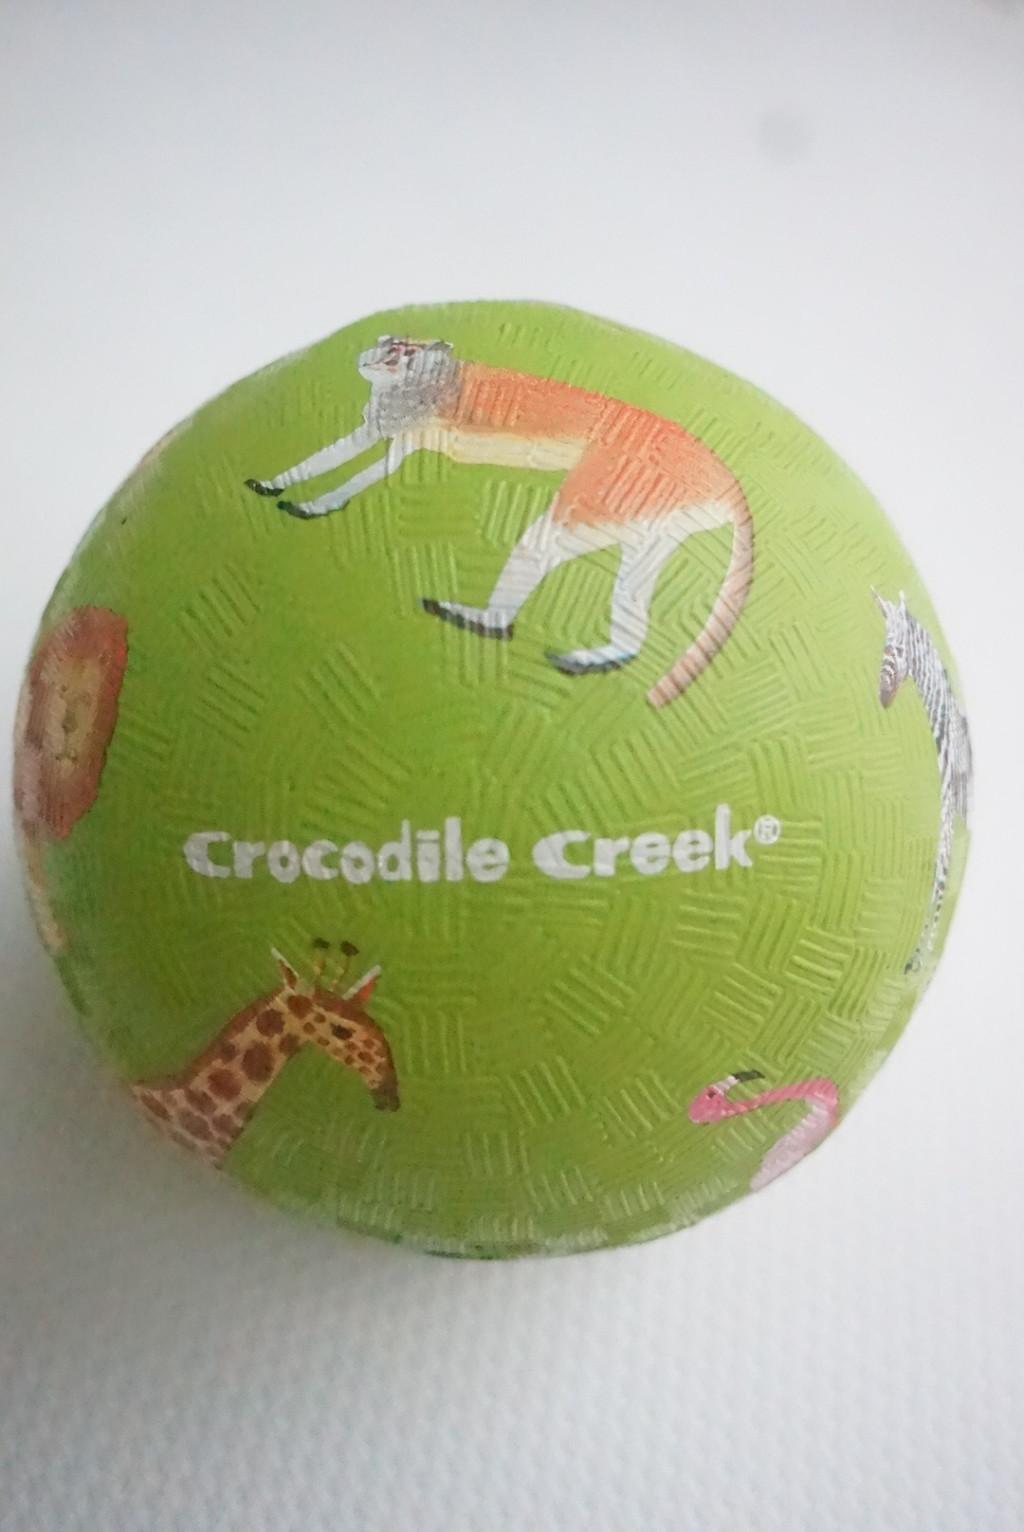 地味にすごい!あかちゃんのボール「オーボール」の次はクロコダイルクリークがおすすめな理由。